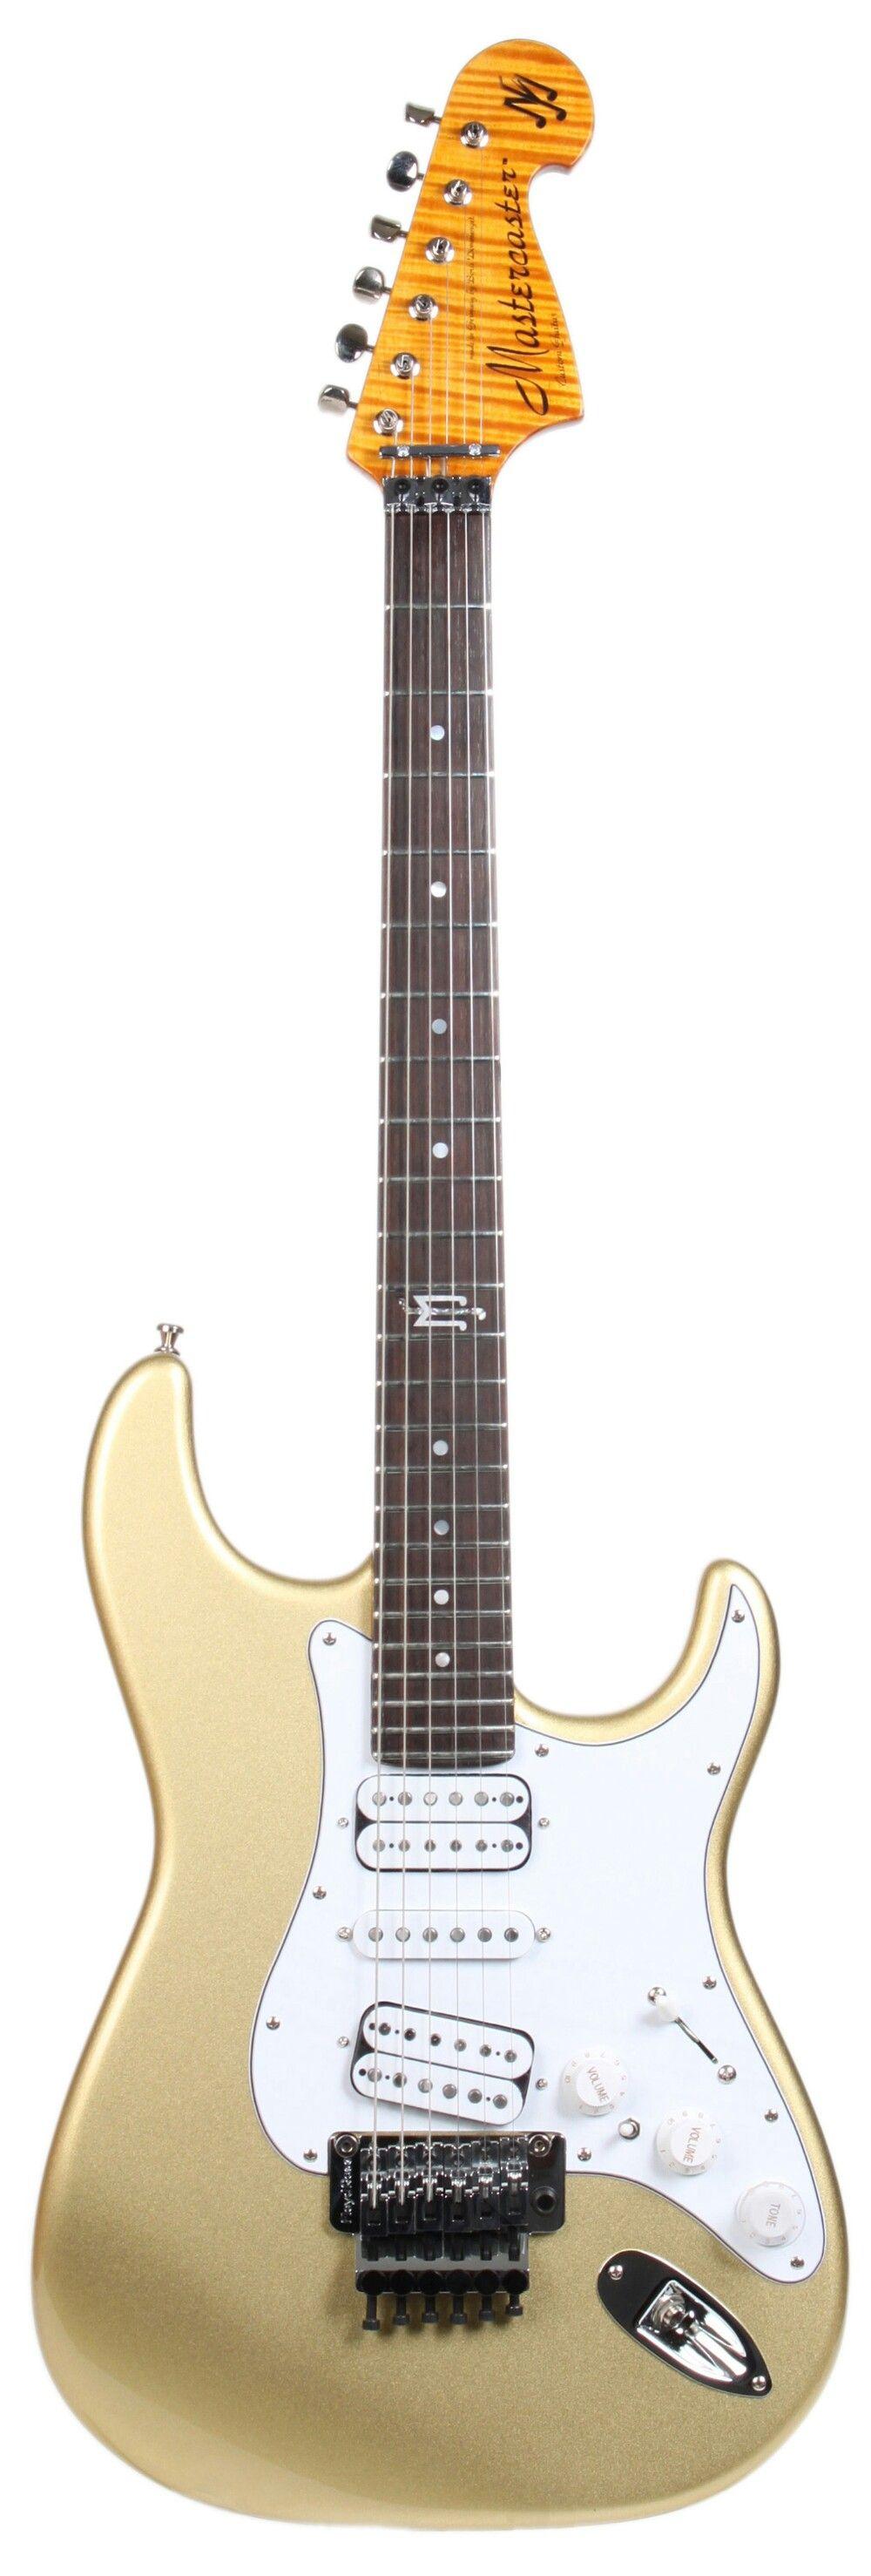 Mastercaster Guitarras Musica E Vida Guitarra